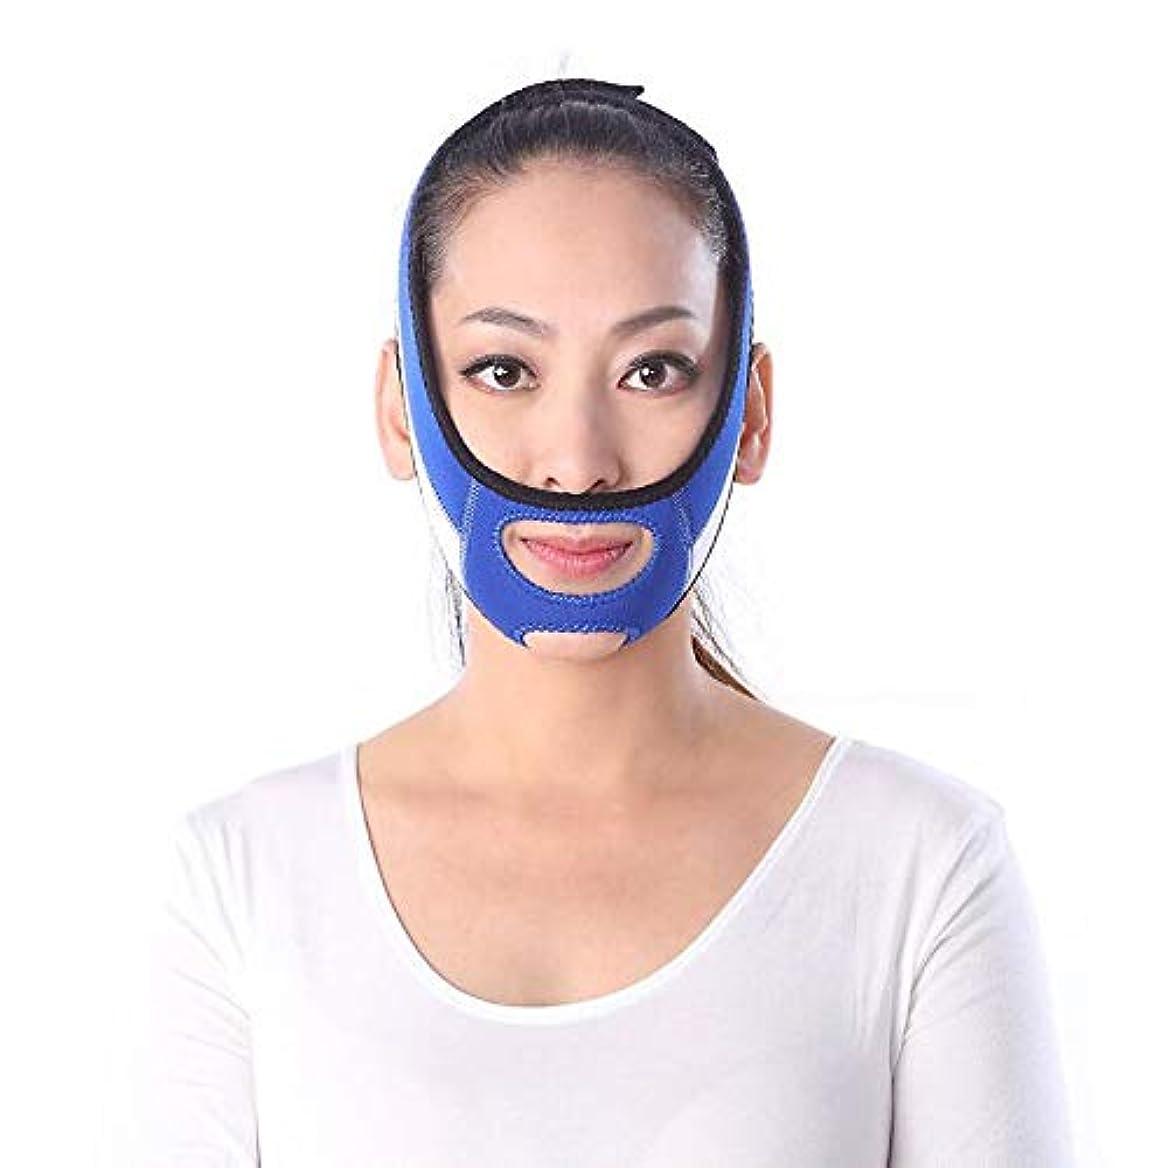 カメモネ力ZPSM 薄くて軽い フェイスリフティングベルト、ファイバー素材高弾性Vフェイススキン収縮二重あごをファーミングフェイスリフト包帯美容術後の修復マスク (Color : A)